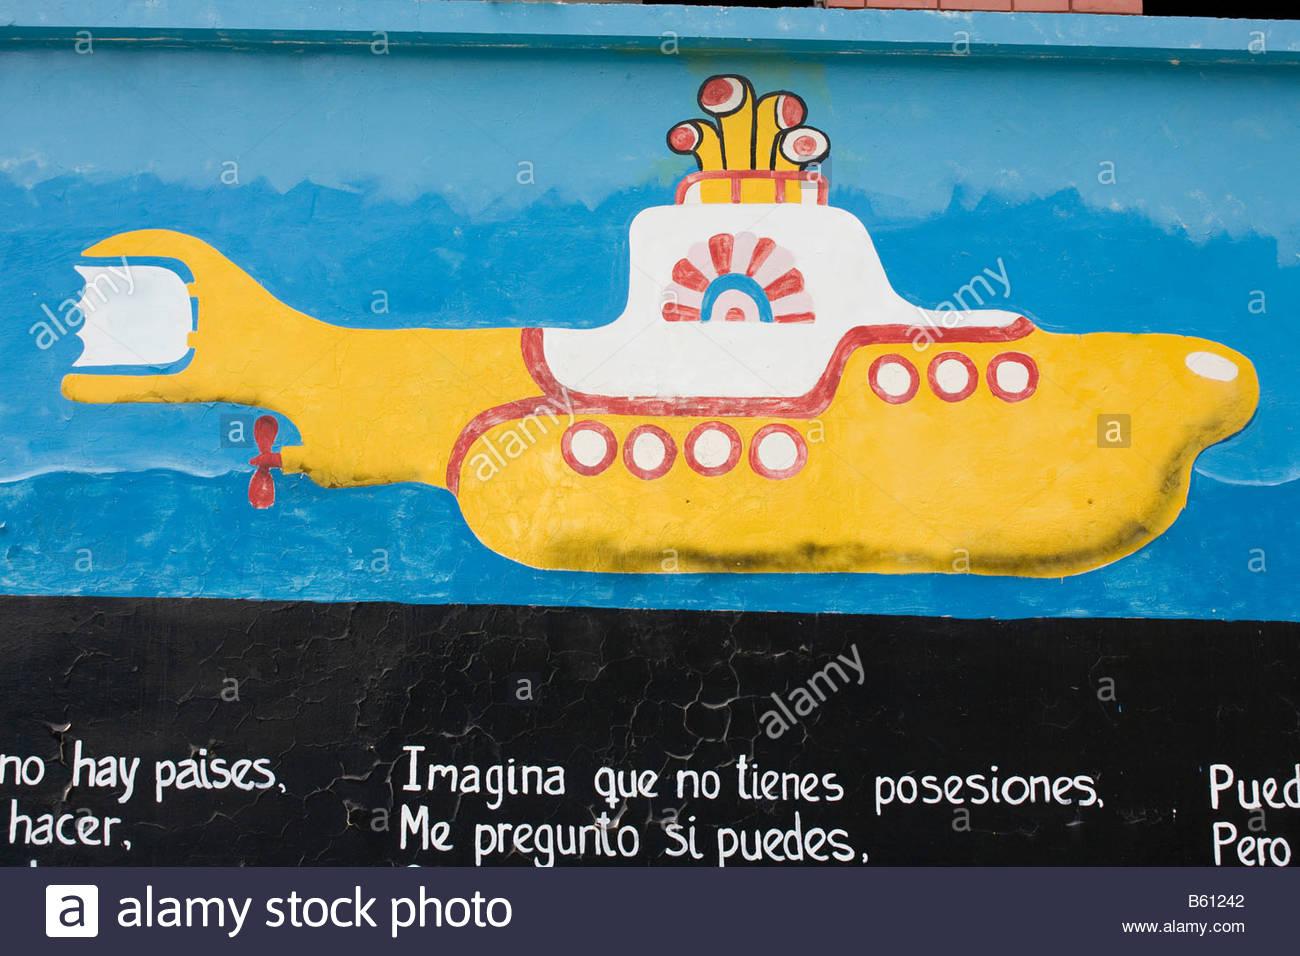 La canción de los Beatles, Submarino Amarillo, como un graffiti, Mérida, Venezuela, Sudamérica Foto de stock